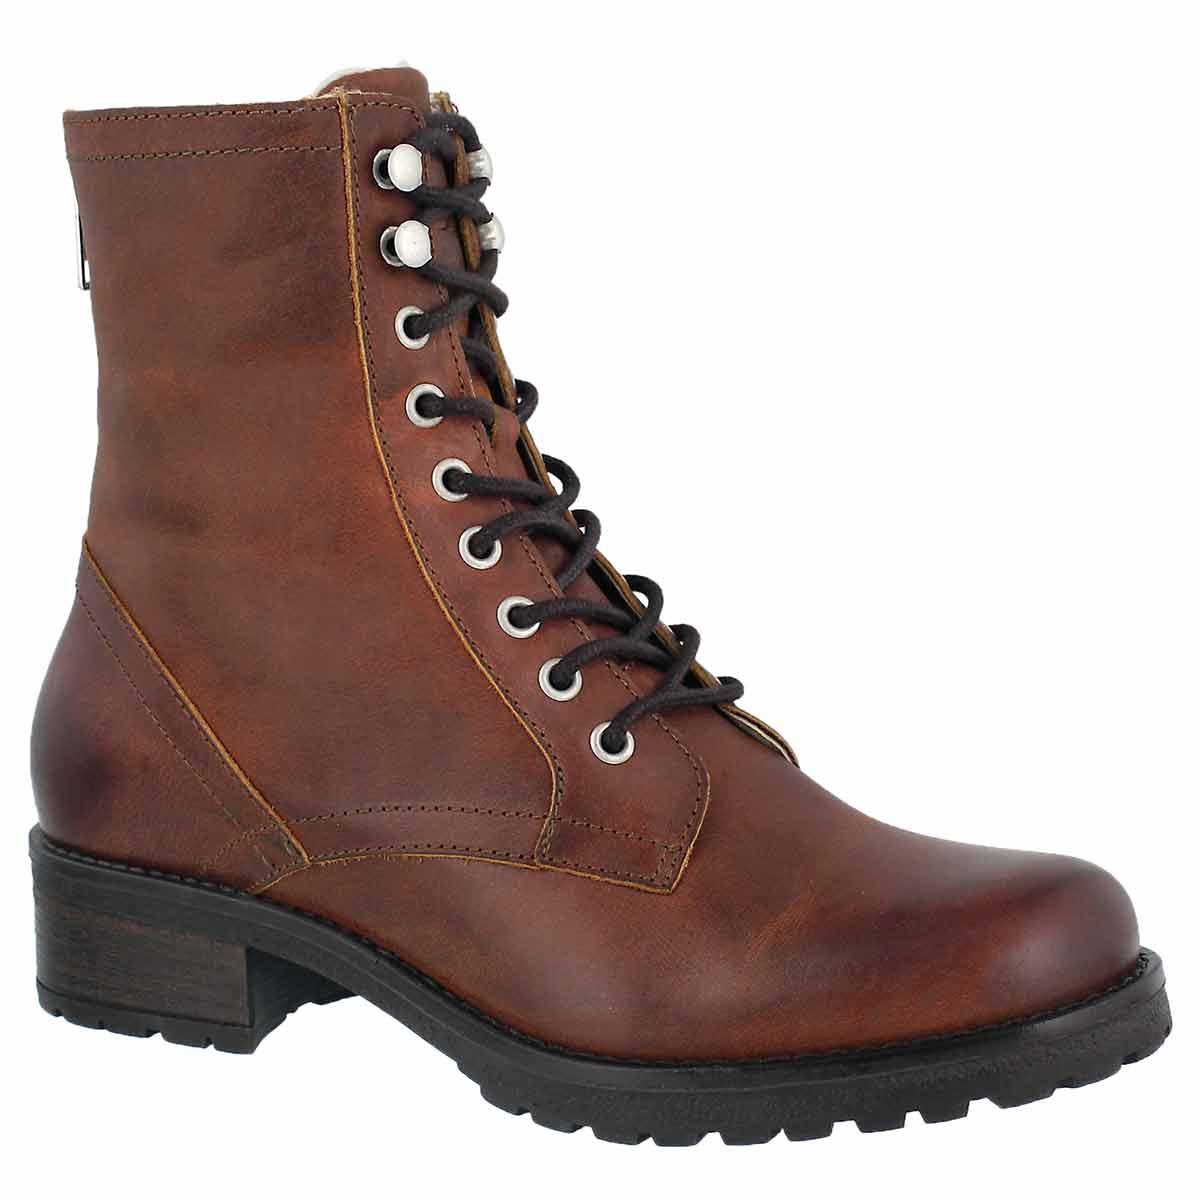 Women's BRIONNA cognac lace up combat boots